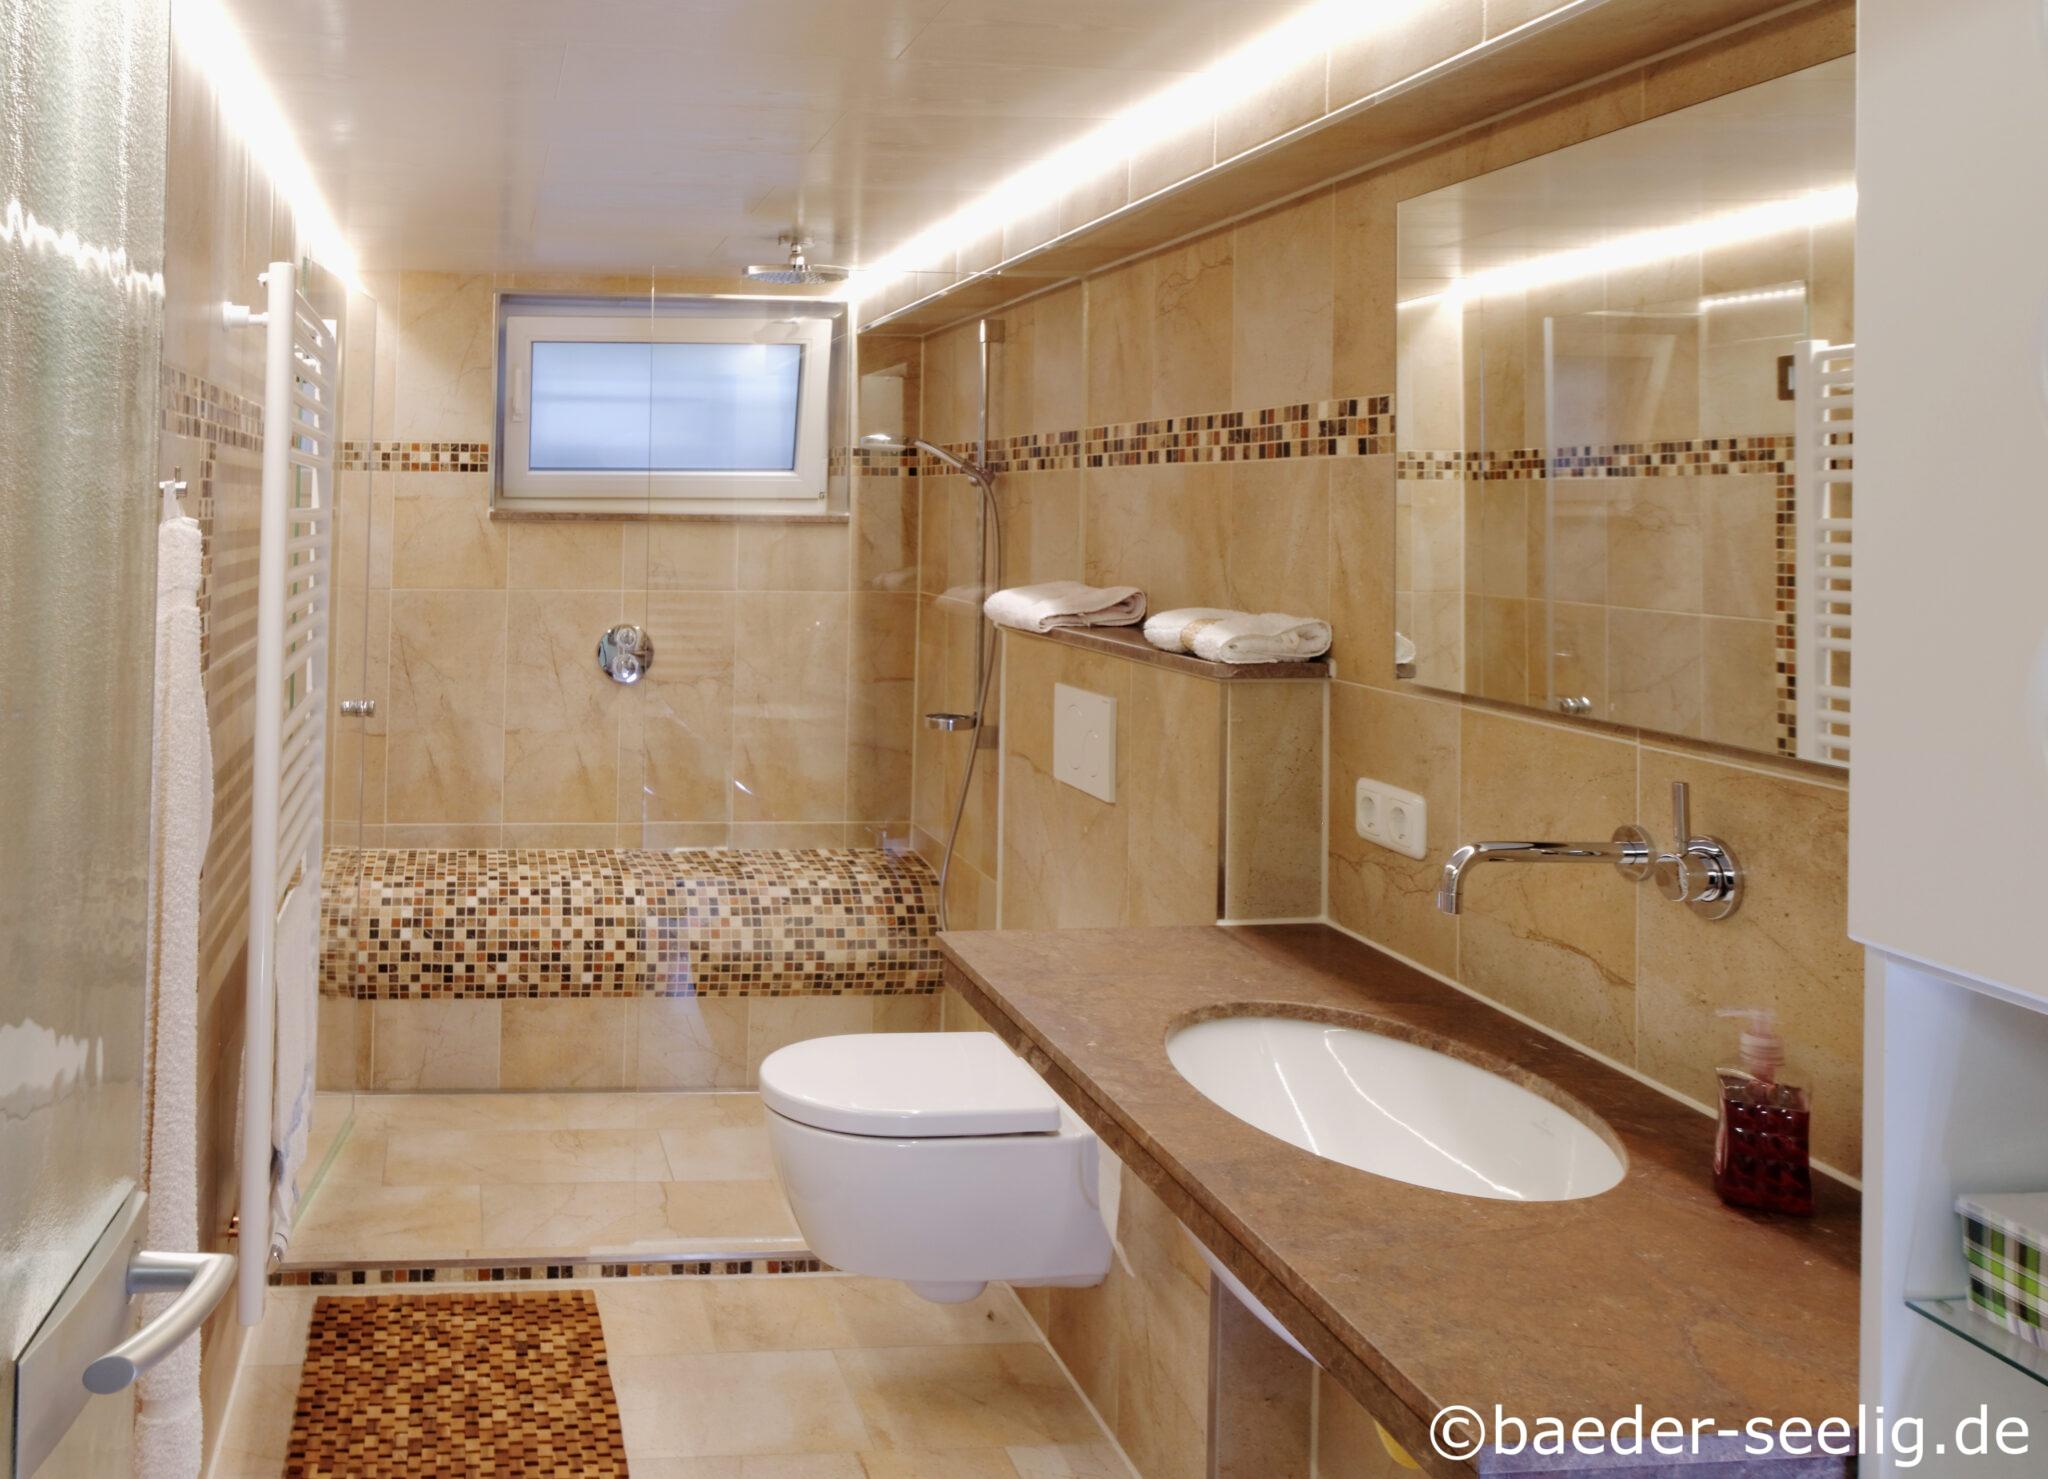 Schönes Keller Badezimmer in Hamburg. BÄDER SEELIG